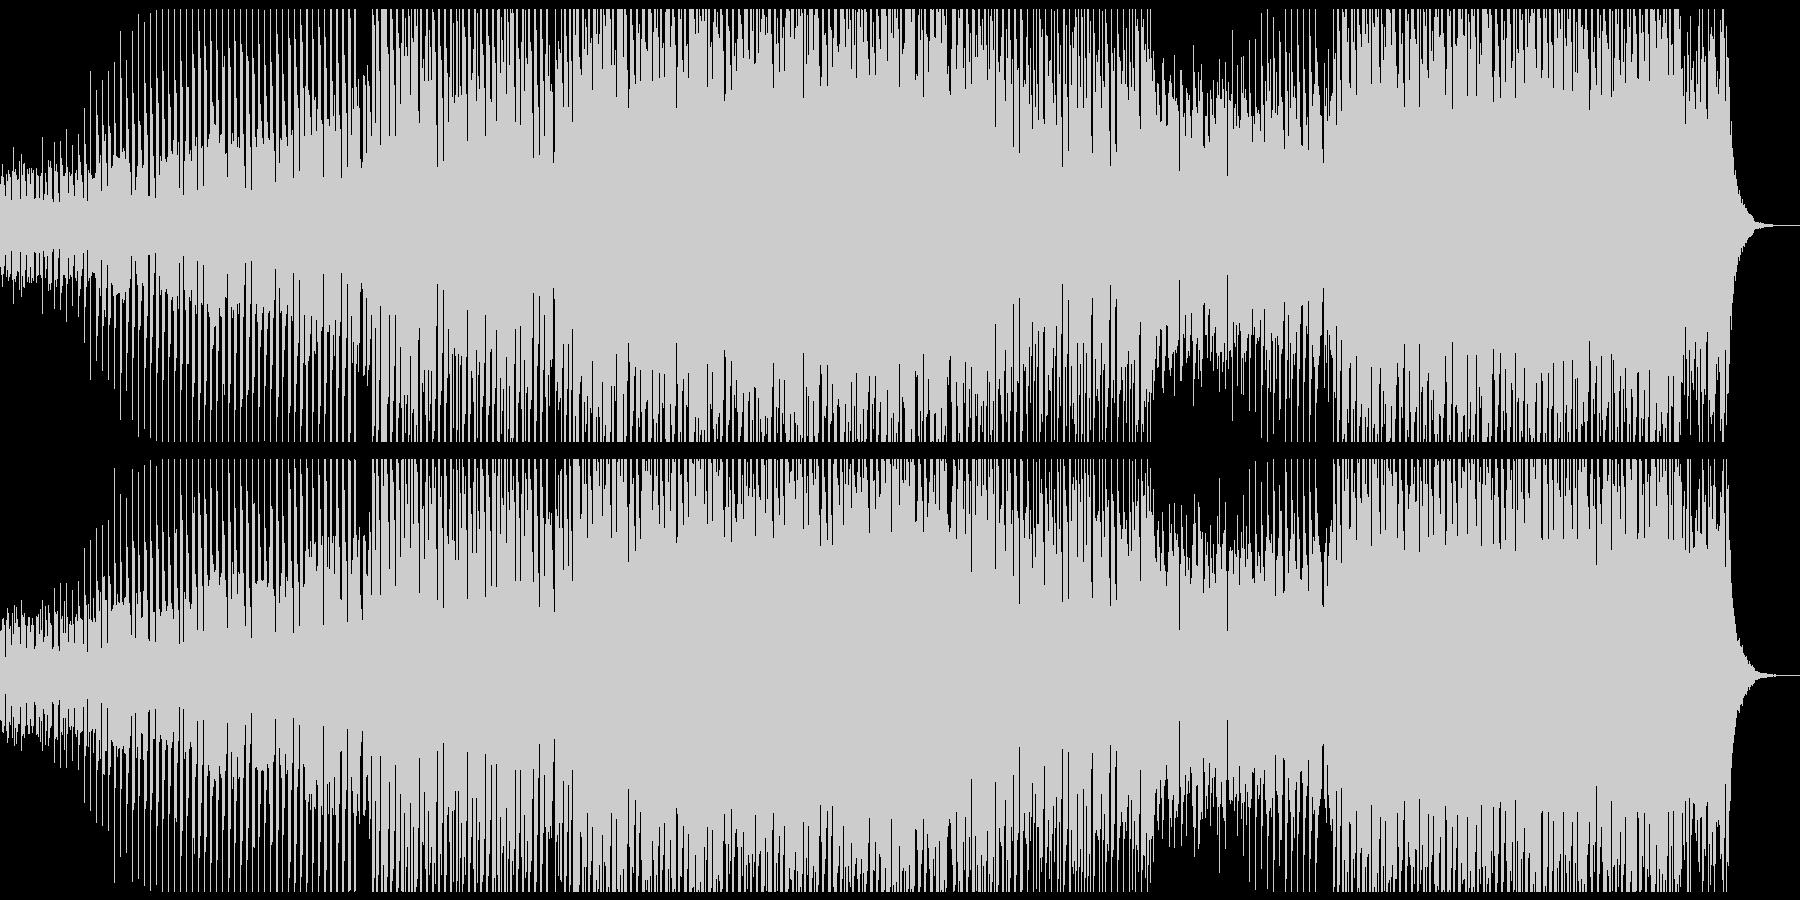 パワーダンスミュージックの未再生の波形